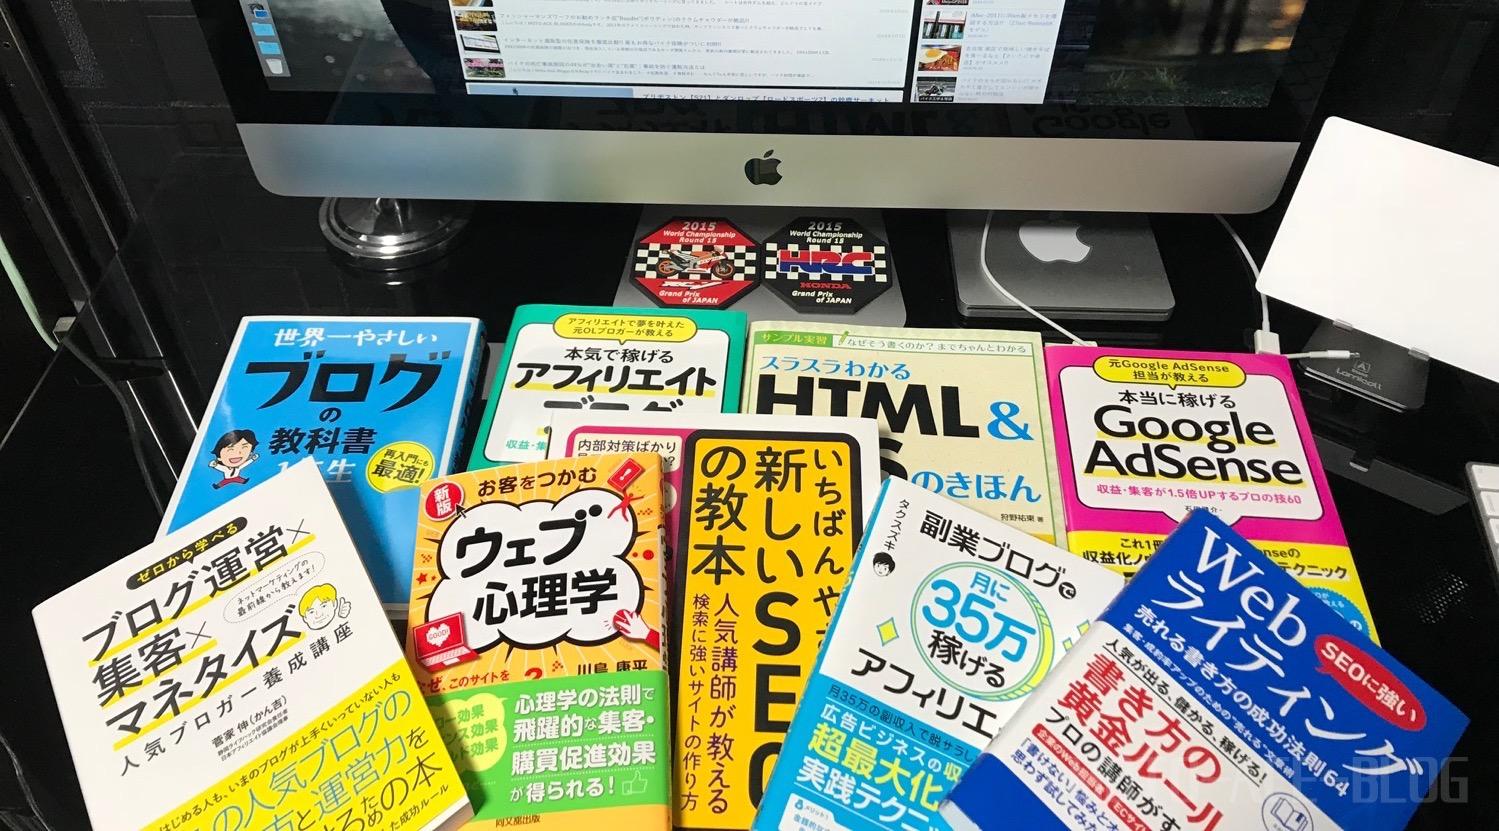 ワードプレスを使ってブログを立ち上げる前に読むべきオススメの4冊